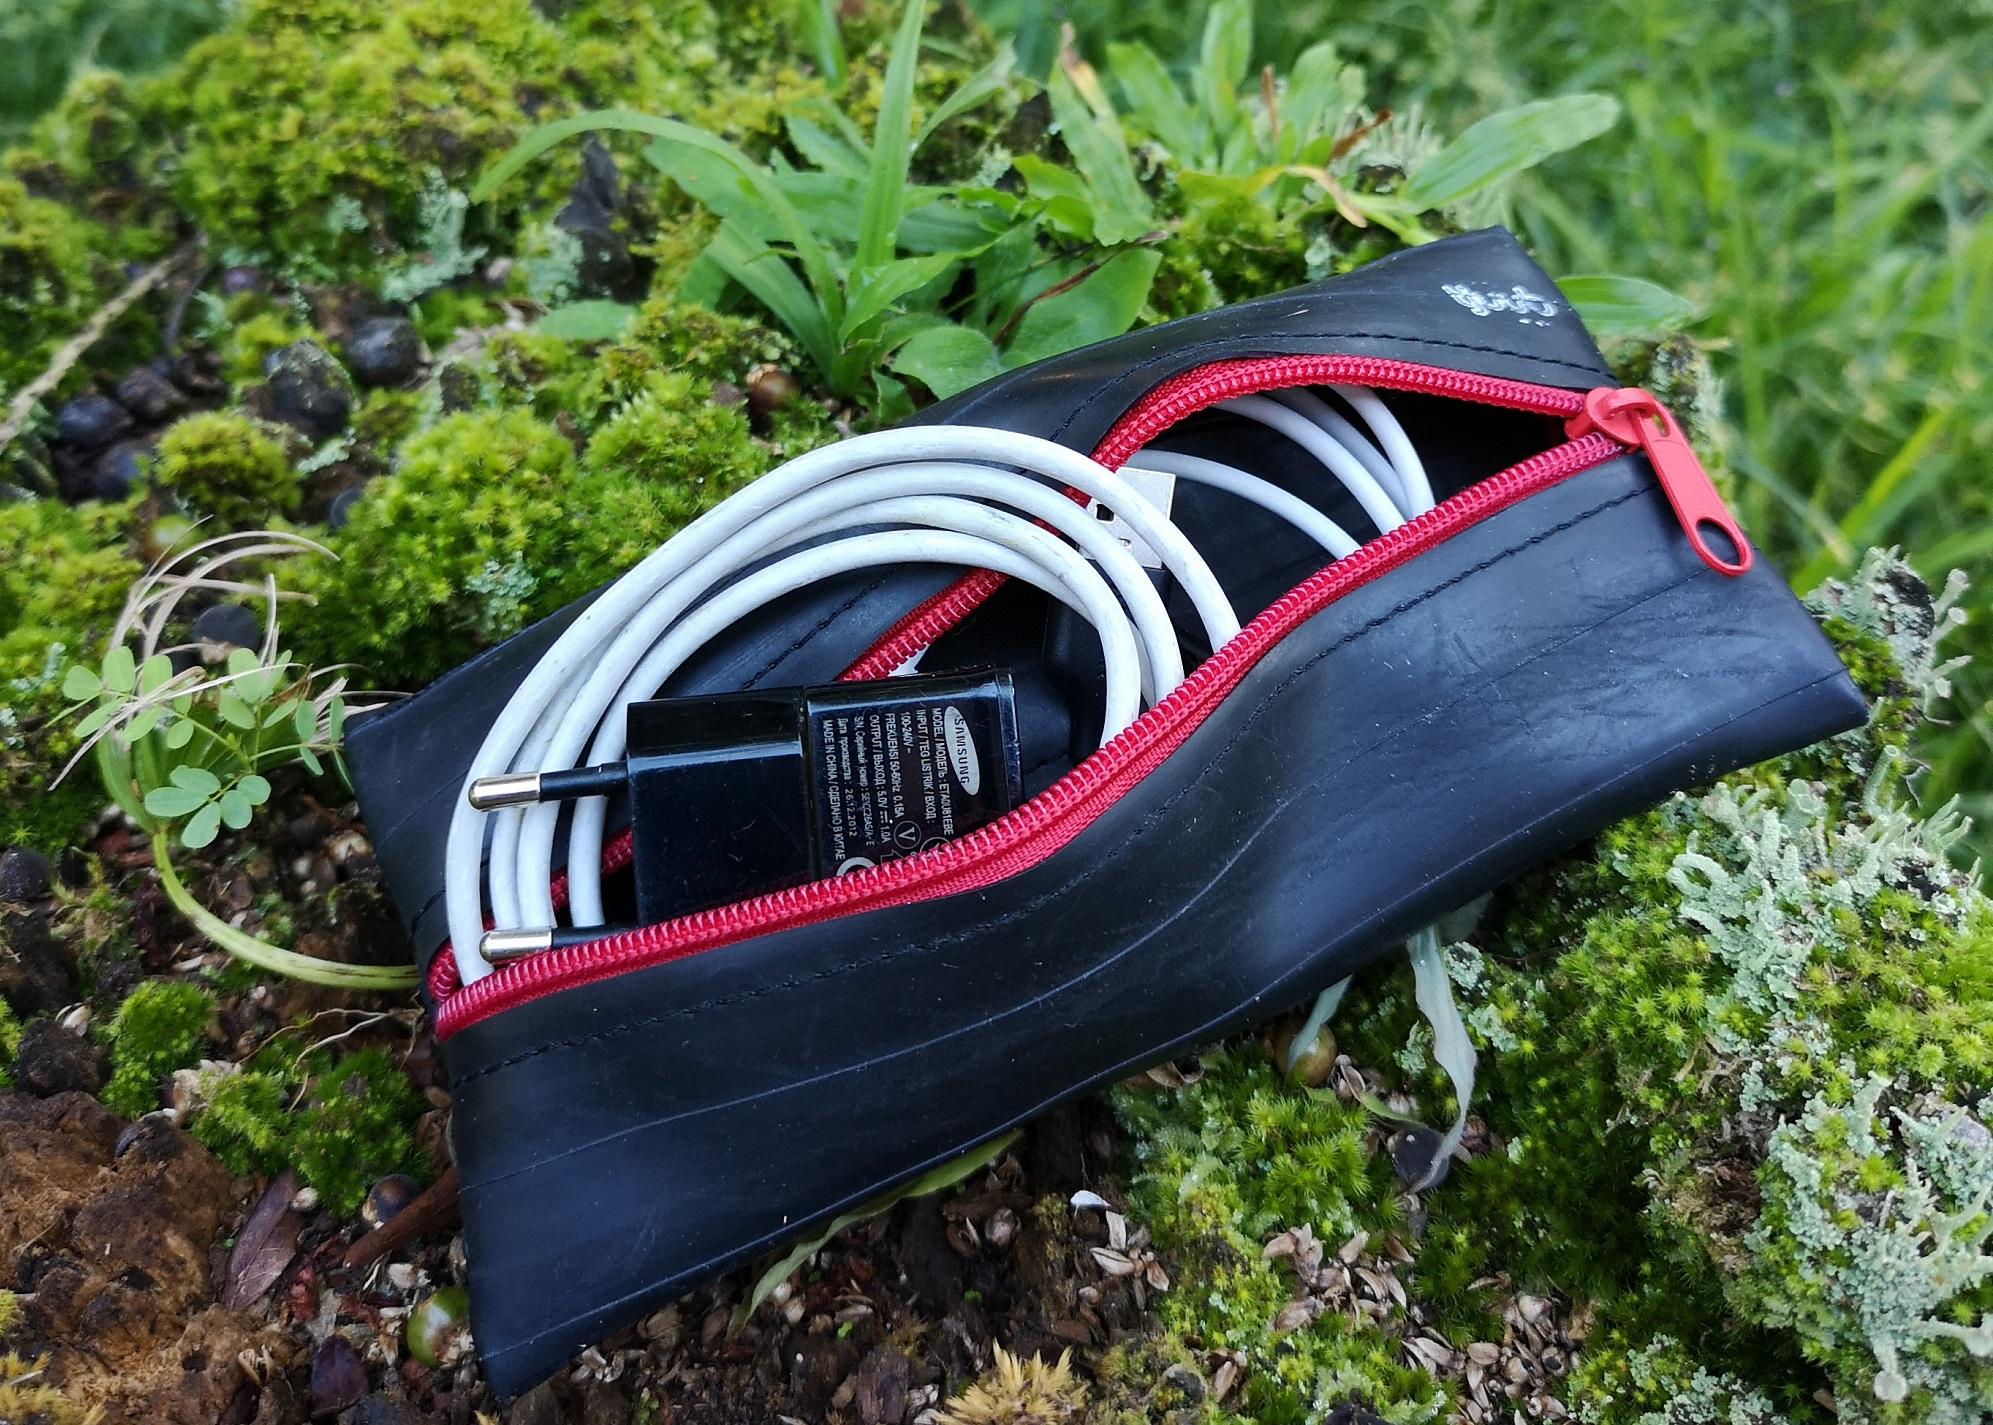 Upcycling - Ultra-strapazierfähige Taschen aus alten Fahrradschläuchen